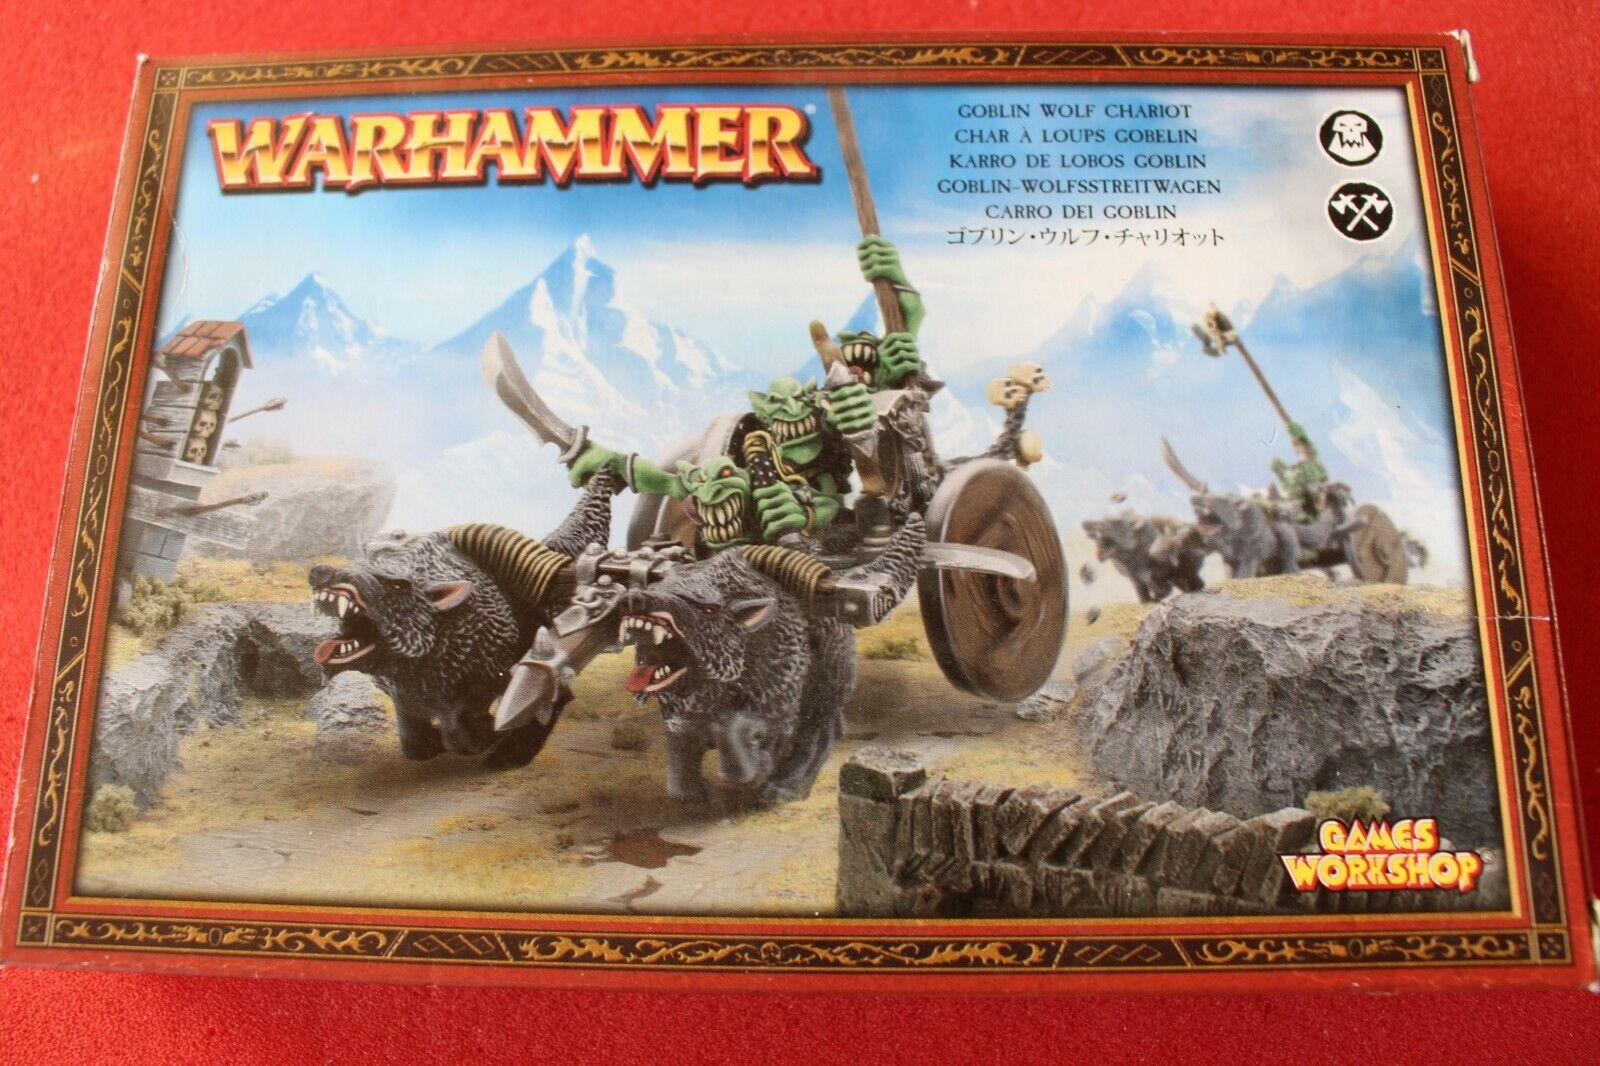 Games Workshop WARHAMMER GOBLIN Wolf CHARIOT Neuf  dans sa boîte nouveau complete boxed gobelins Épuisé  bon prix